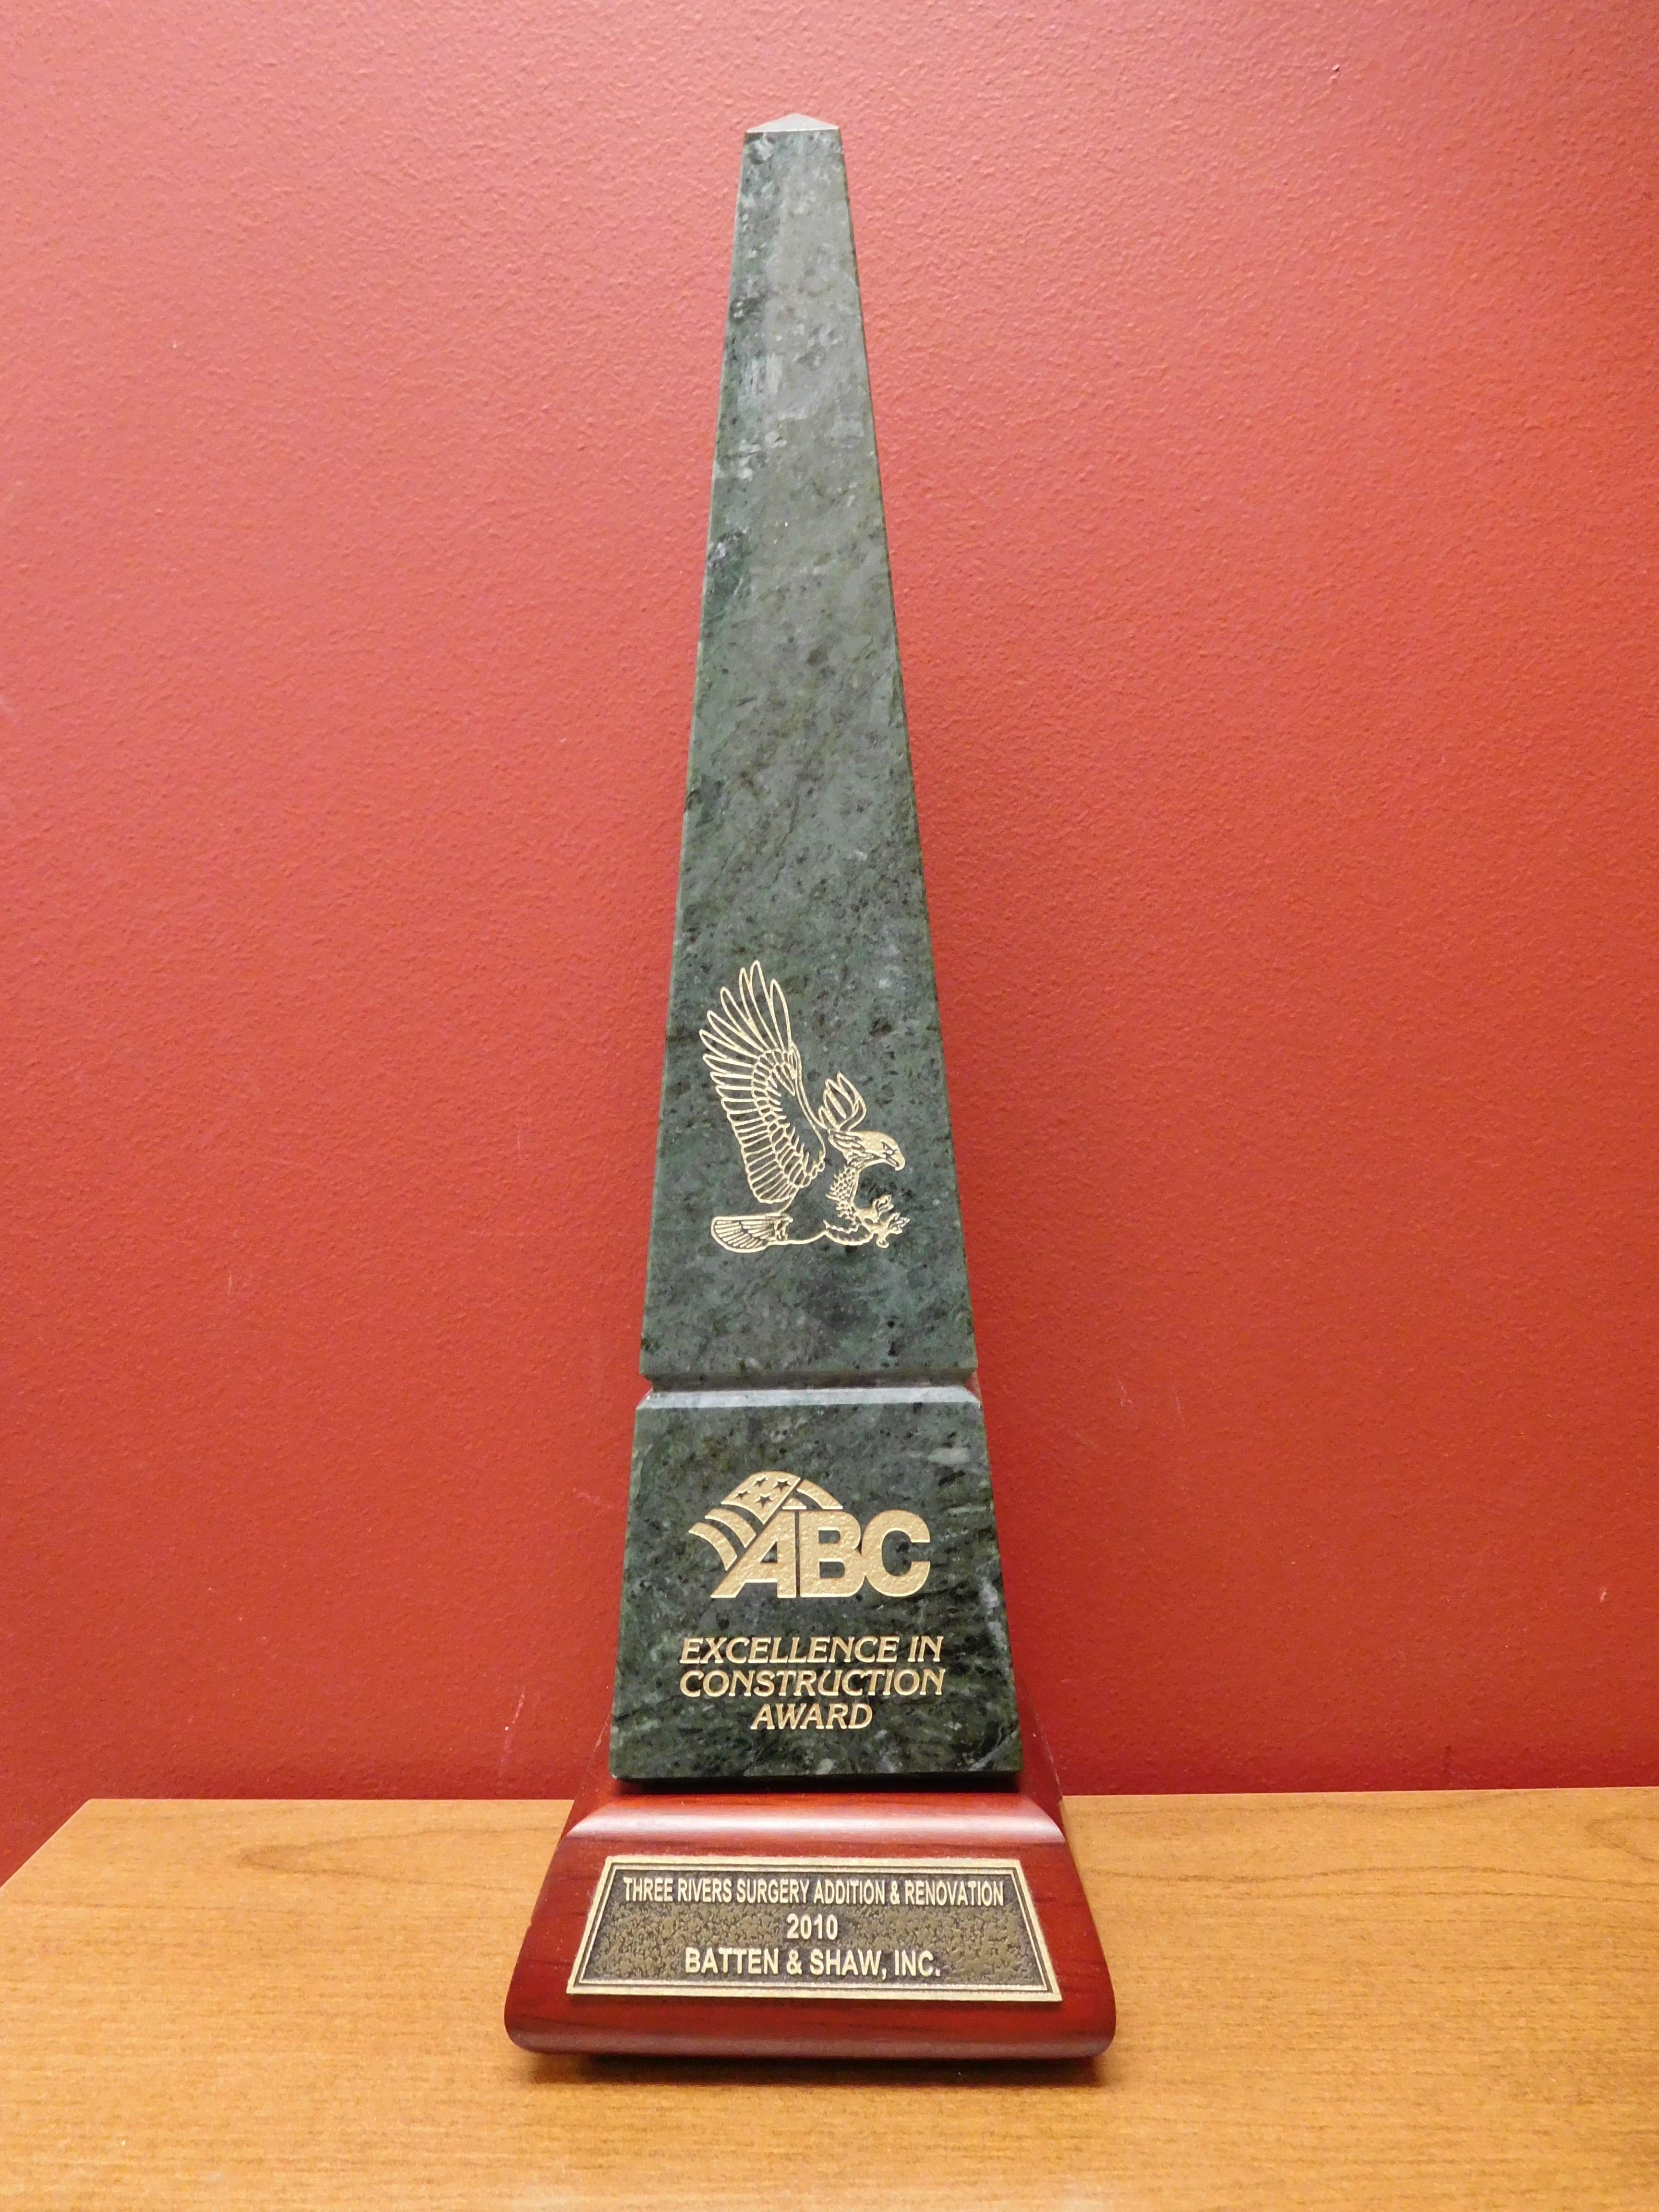 2010 ABC Award Three Rivers Surgery